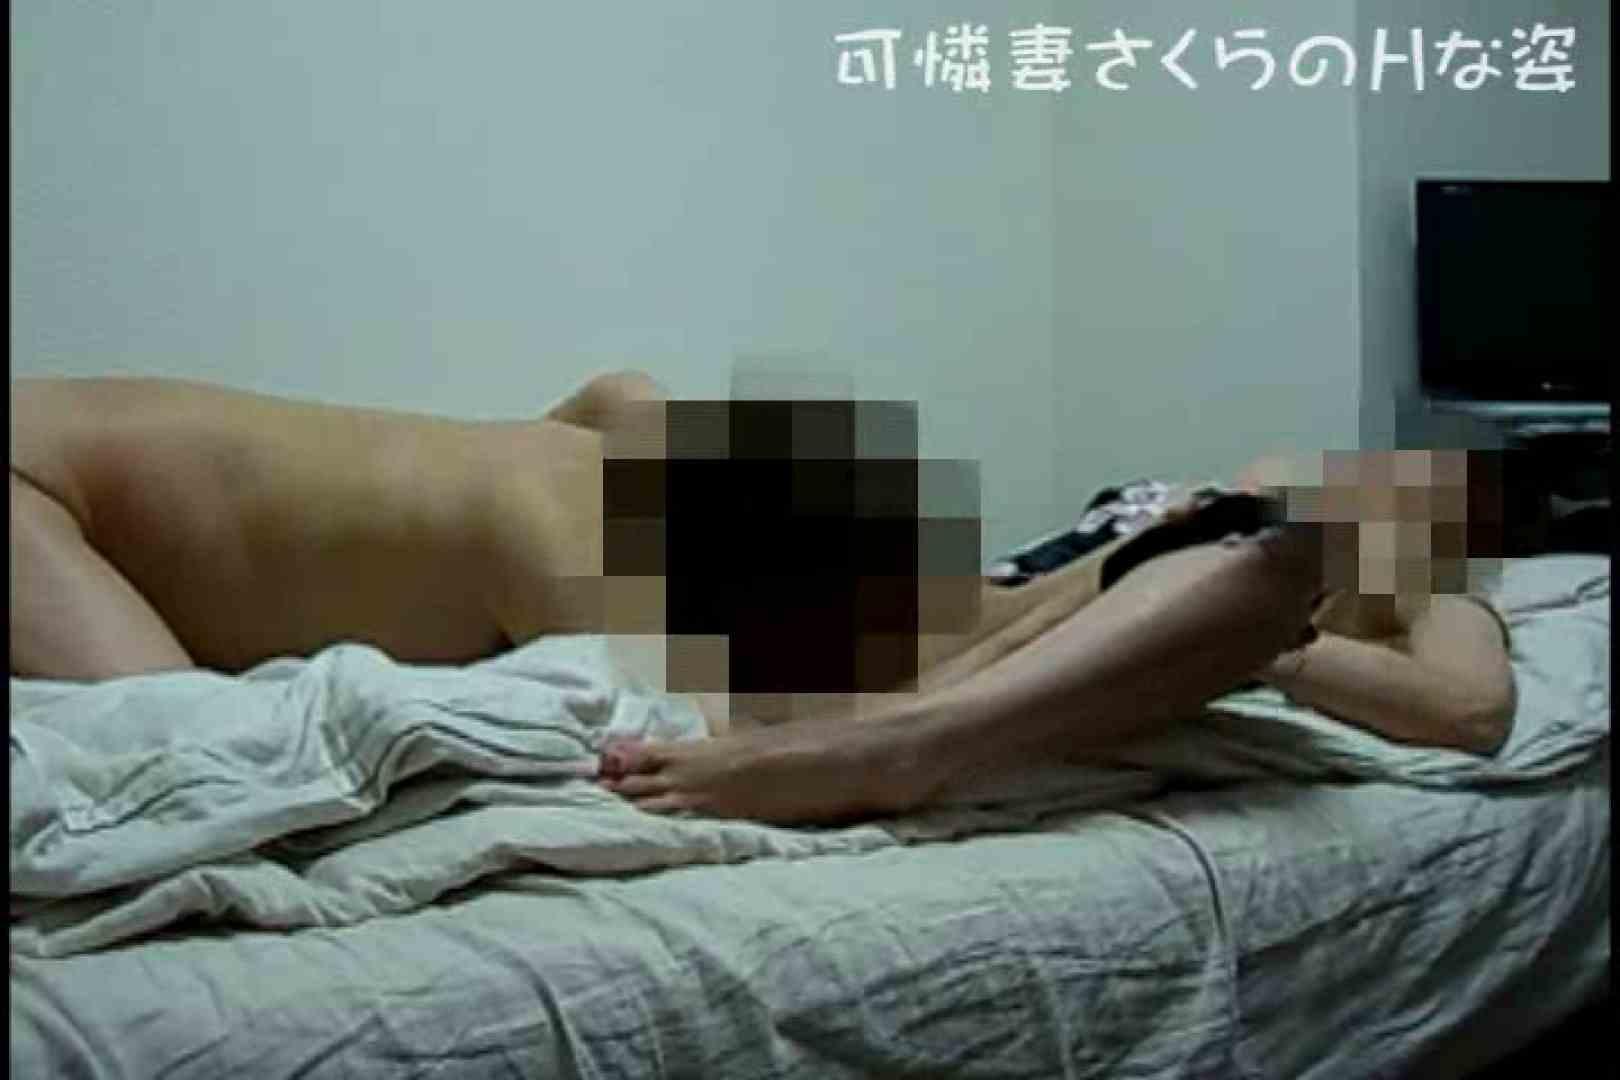 可憐妻さくらのHな姿vol.2 クンニ | セックス  52PIX